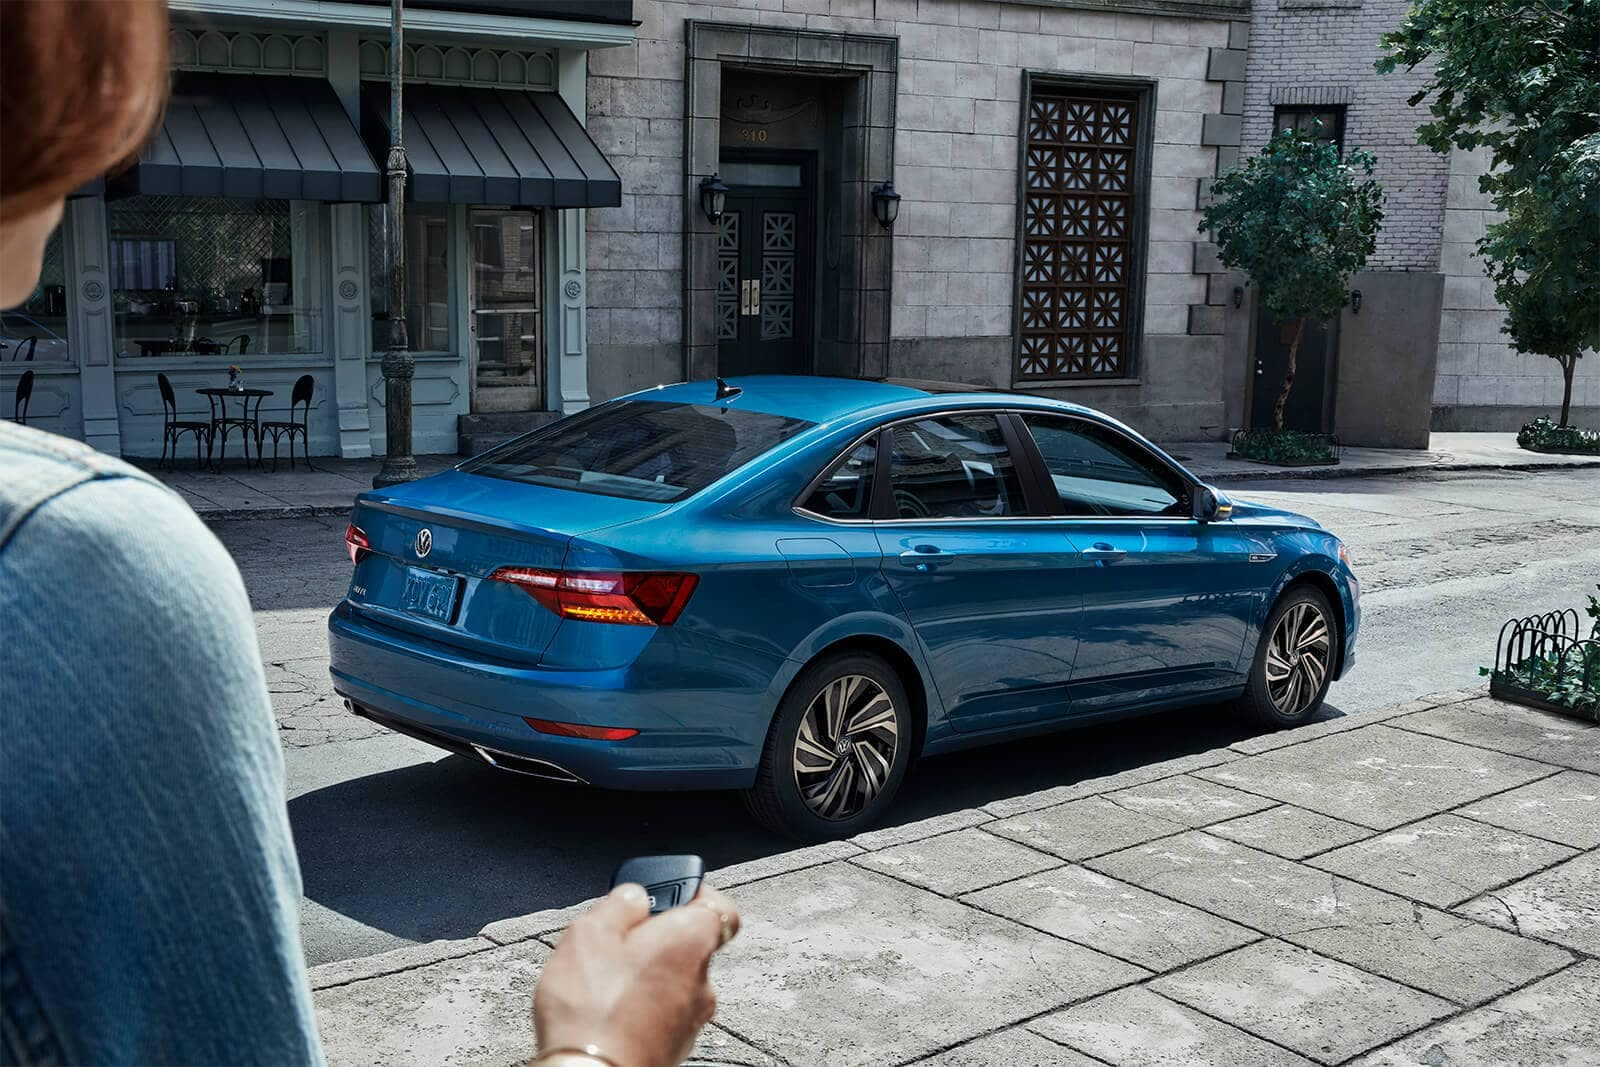 2019 Volkswagen Jetta SEL Premium in silk blue metallic parked